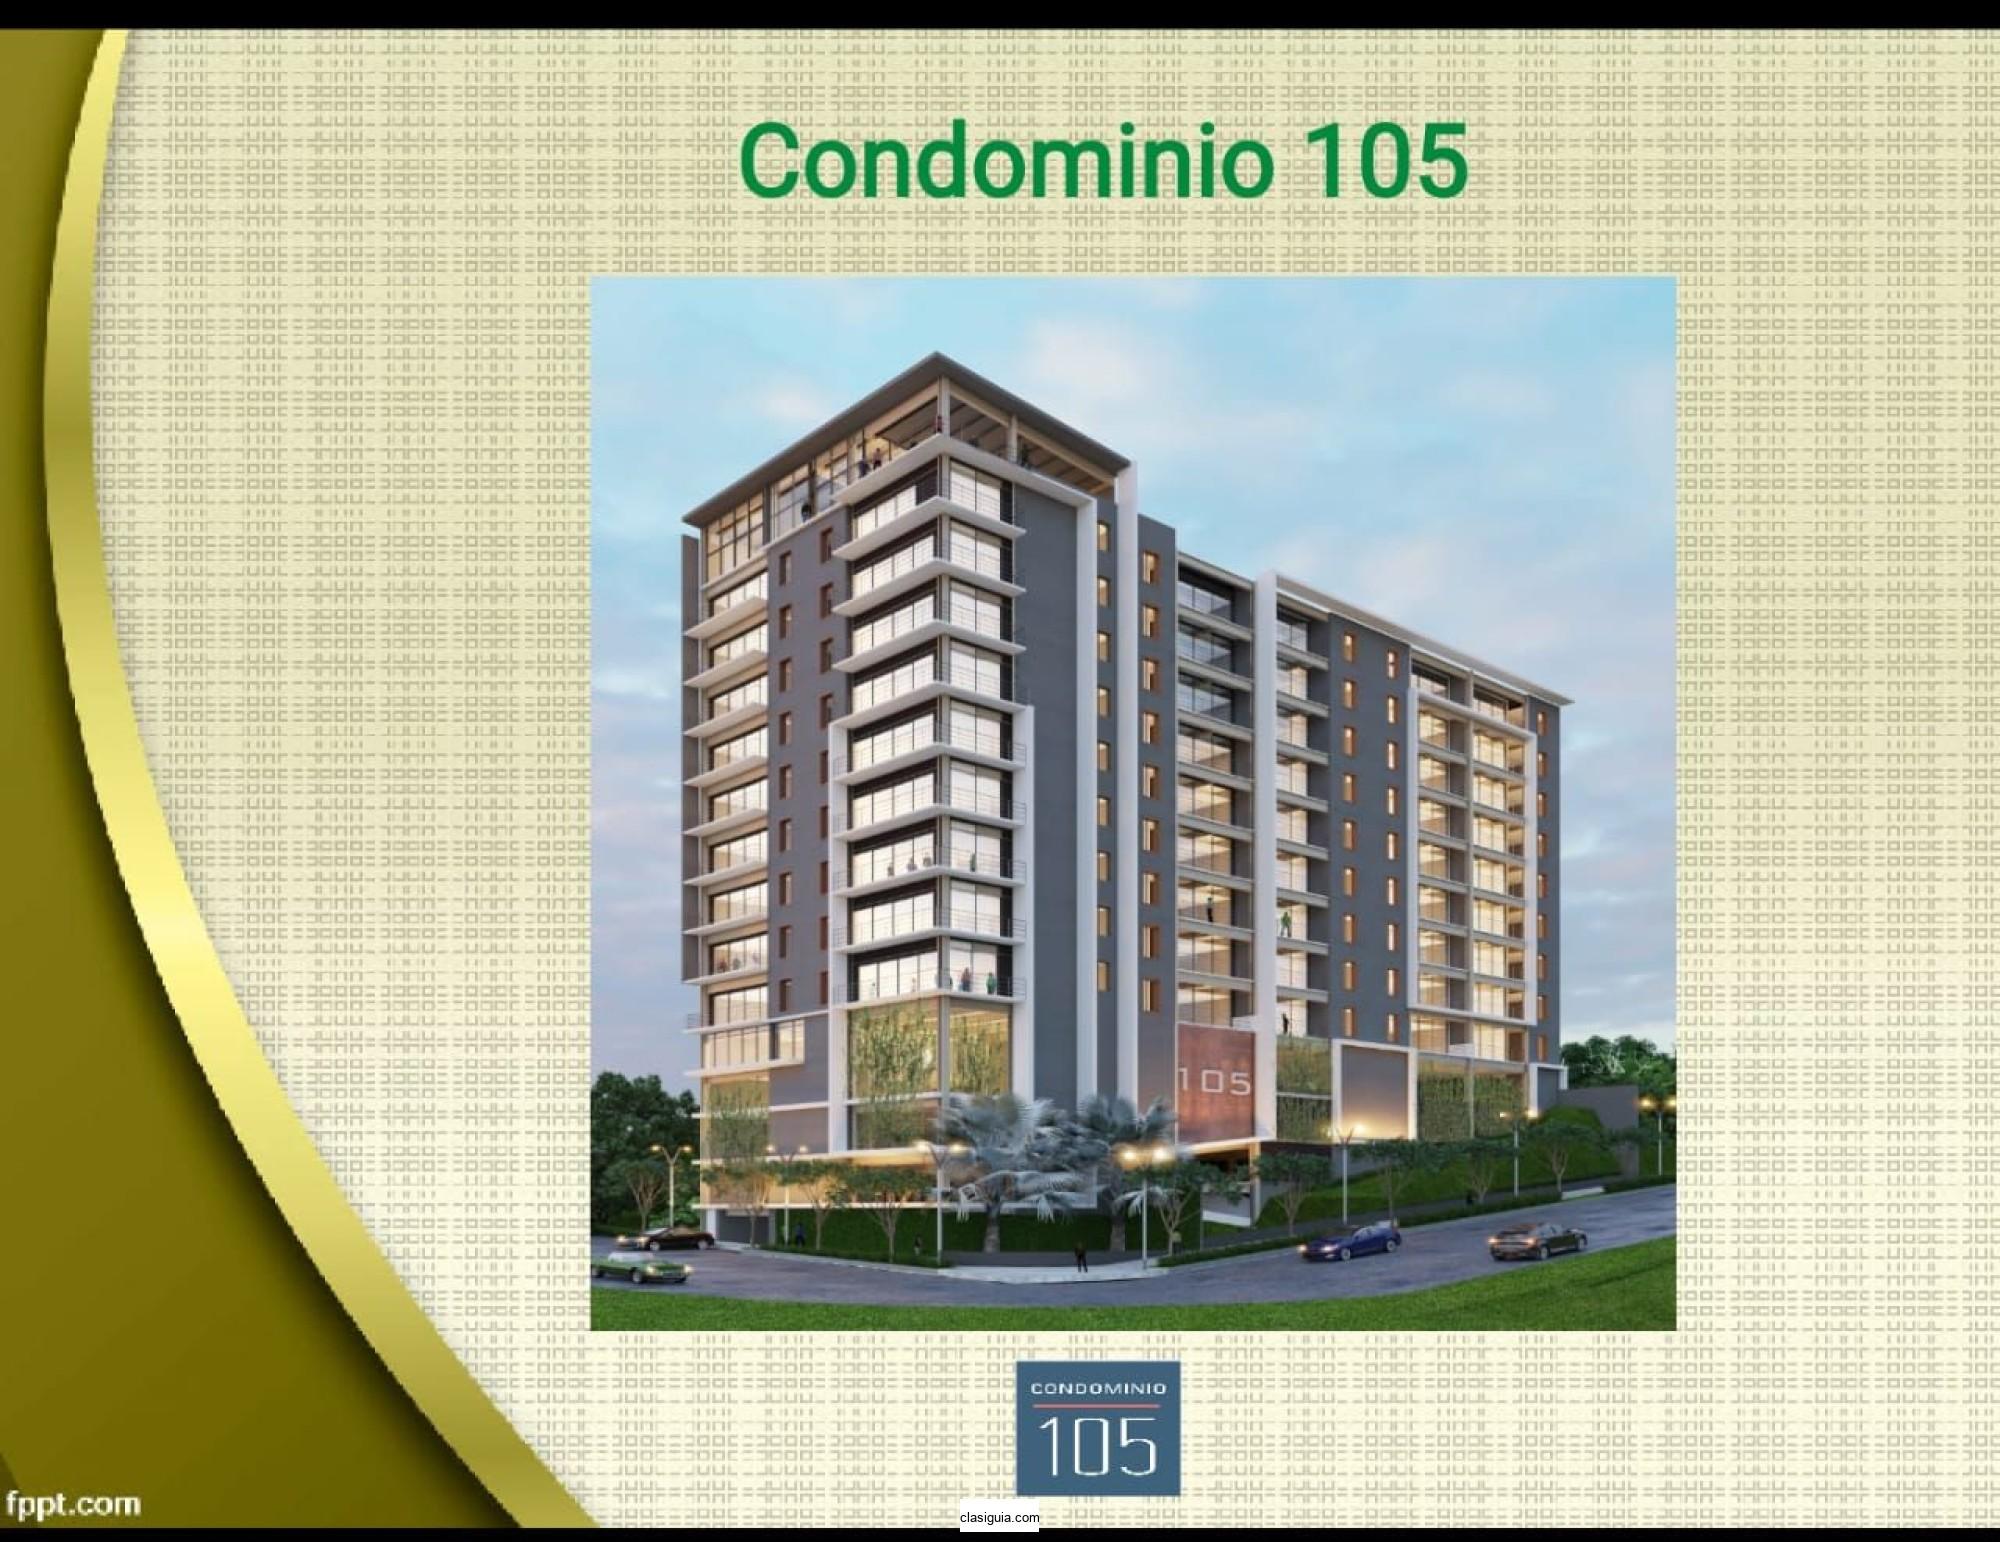 Condomini 105